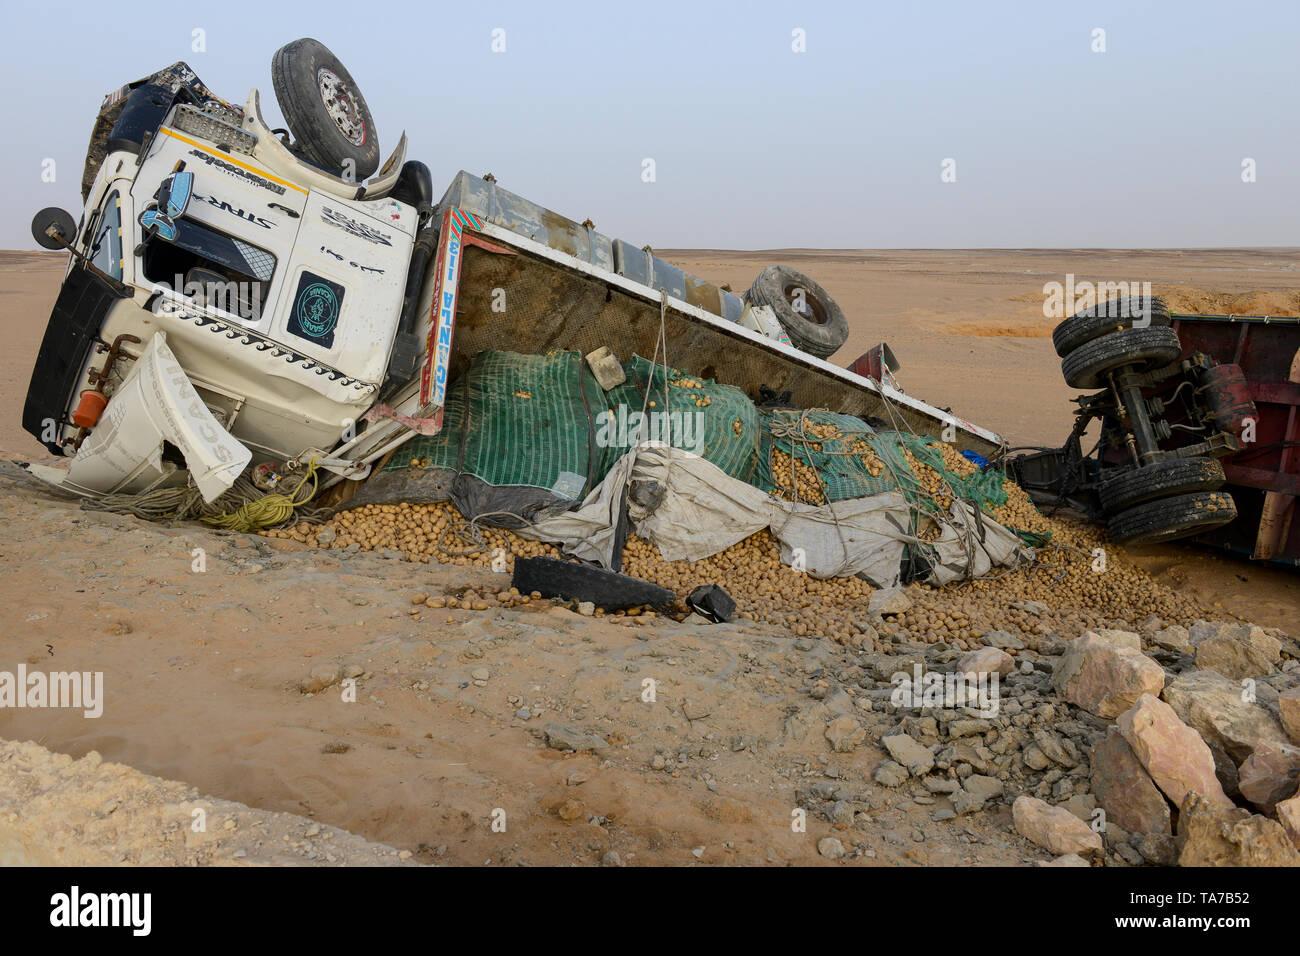 EGYPT, Farafra, desert farming, truck transport potatos from desert farms to Cairo, truck accident - Stock Image